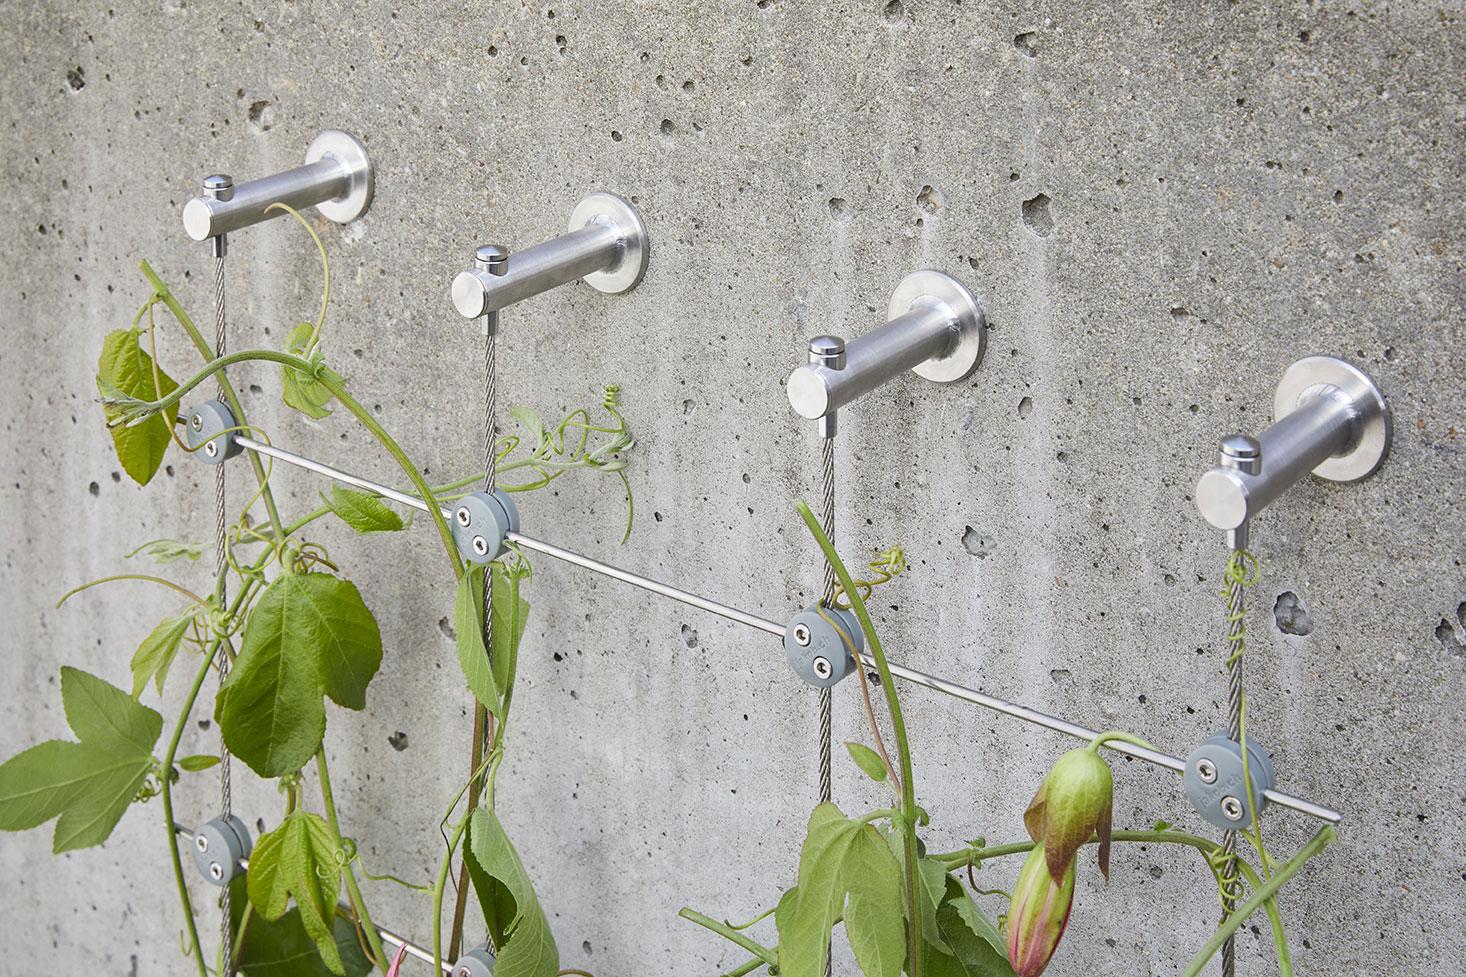 Klätternät för växter i trellisstruktur